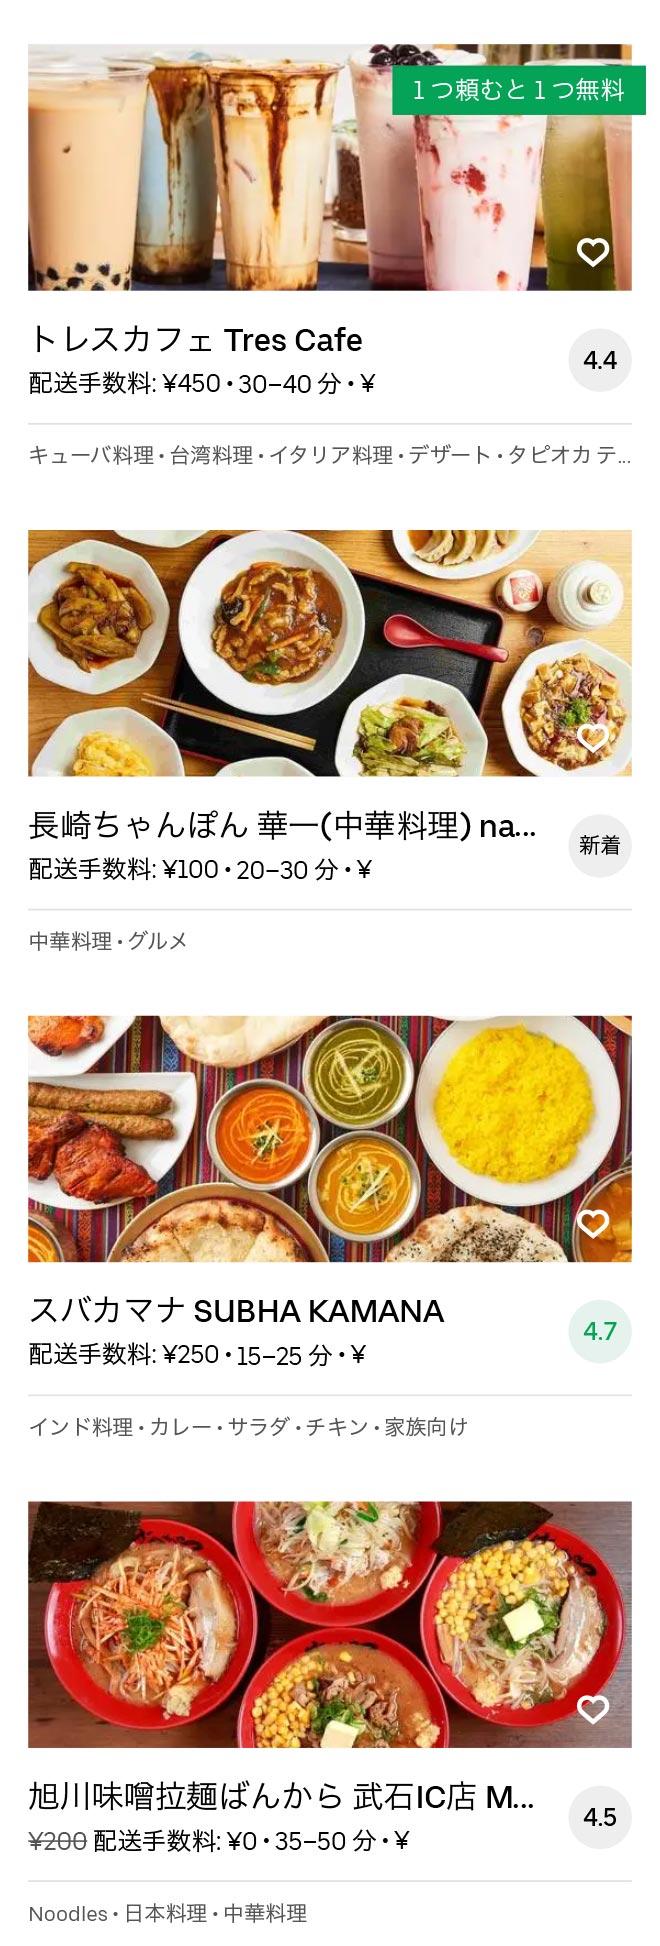 Makuhari menu 2010 12